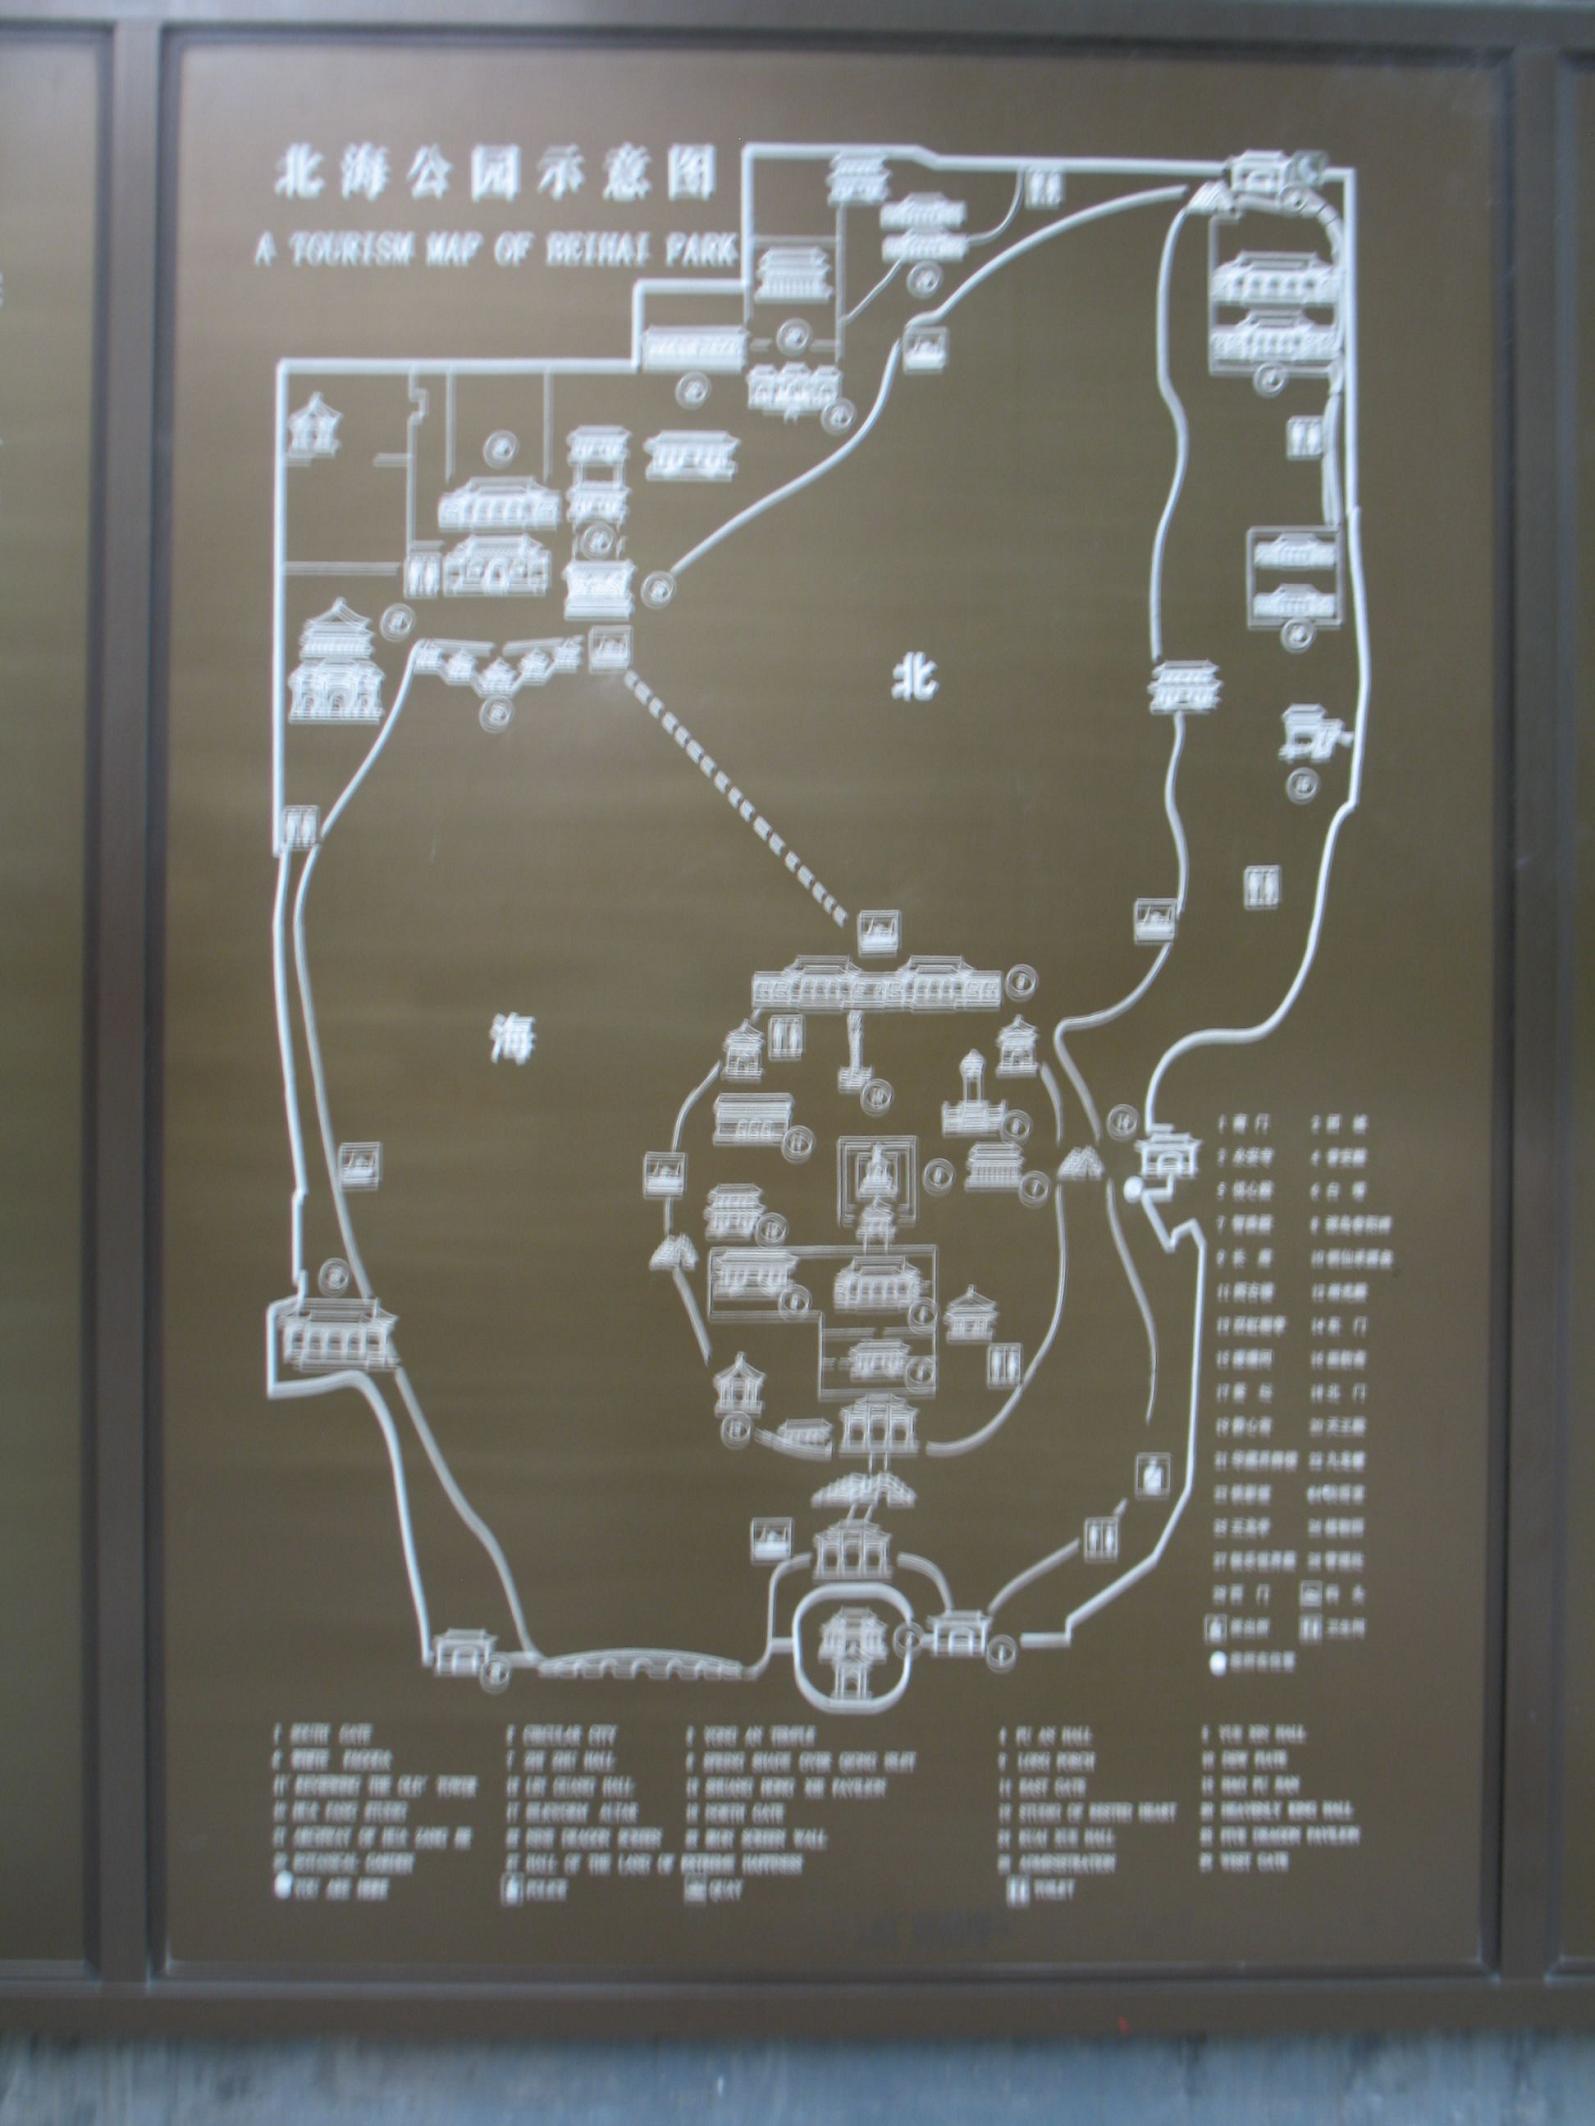 昔日的皇家御园,今天成了广大中外游人在北京城内游览,娱乐最理想的图片